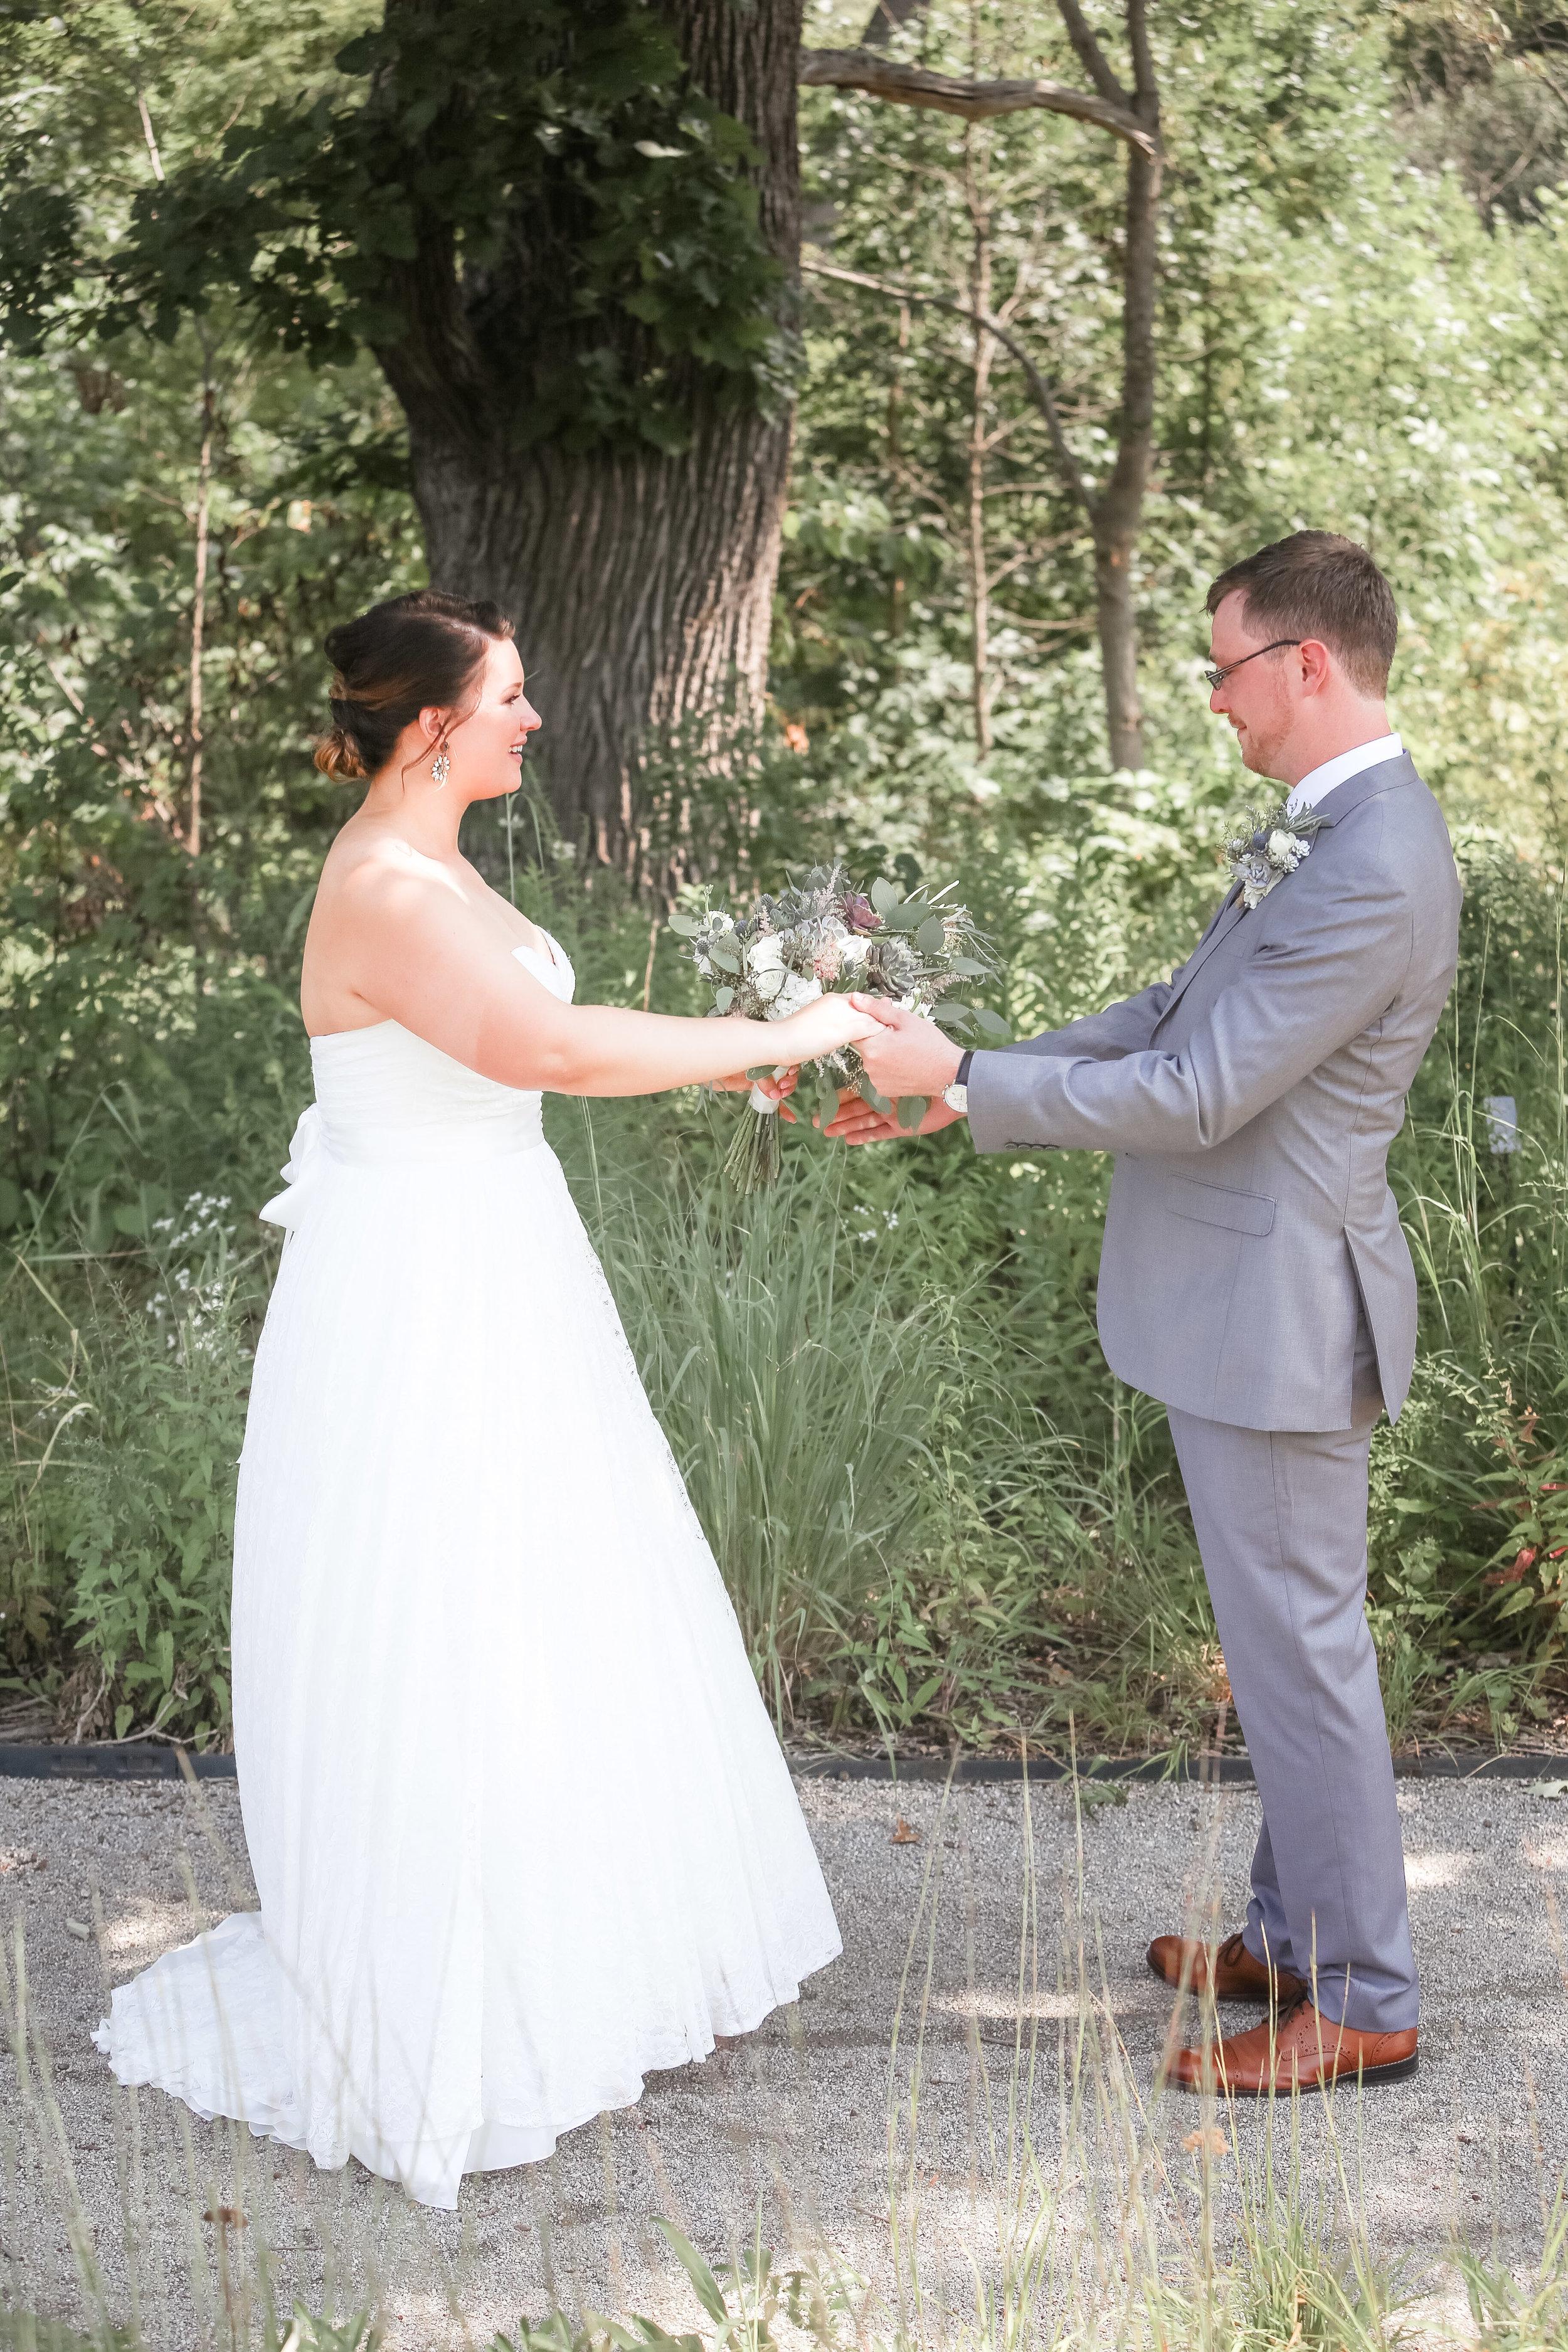 C_Wedding_Sarver, Alyssa & Scott_FOR BLOG-35.JPG